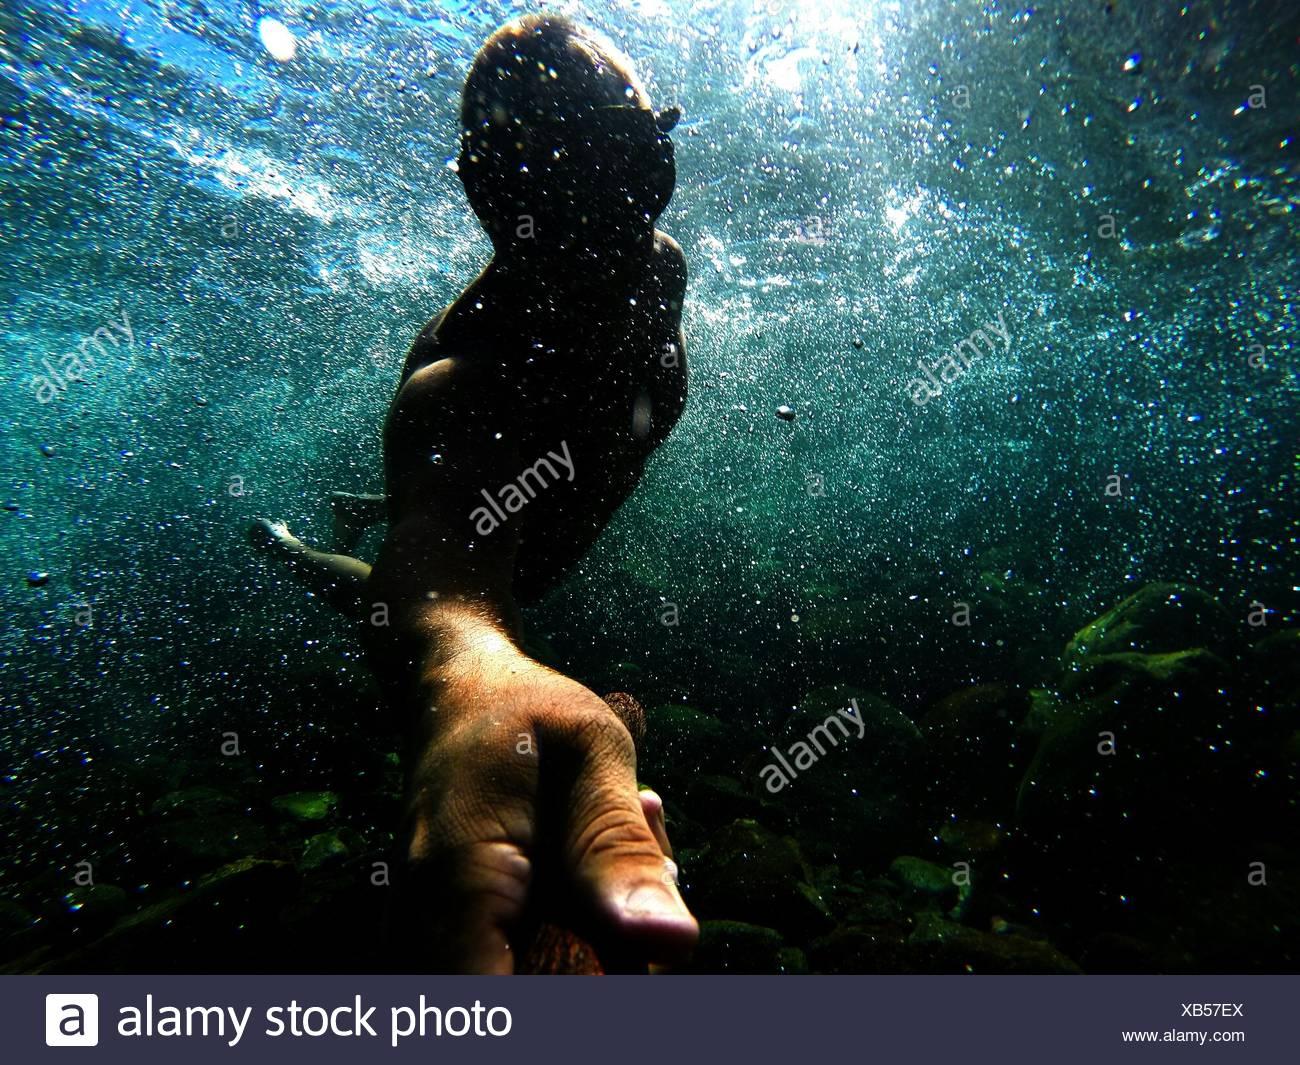 Hombre nadando en el mar Imagen De Stock